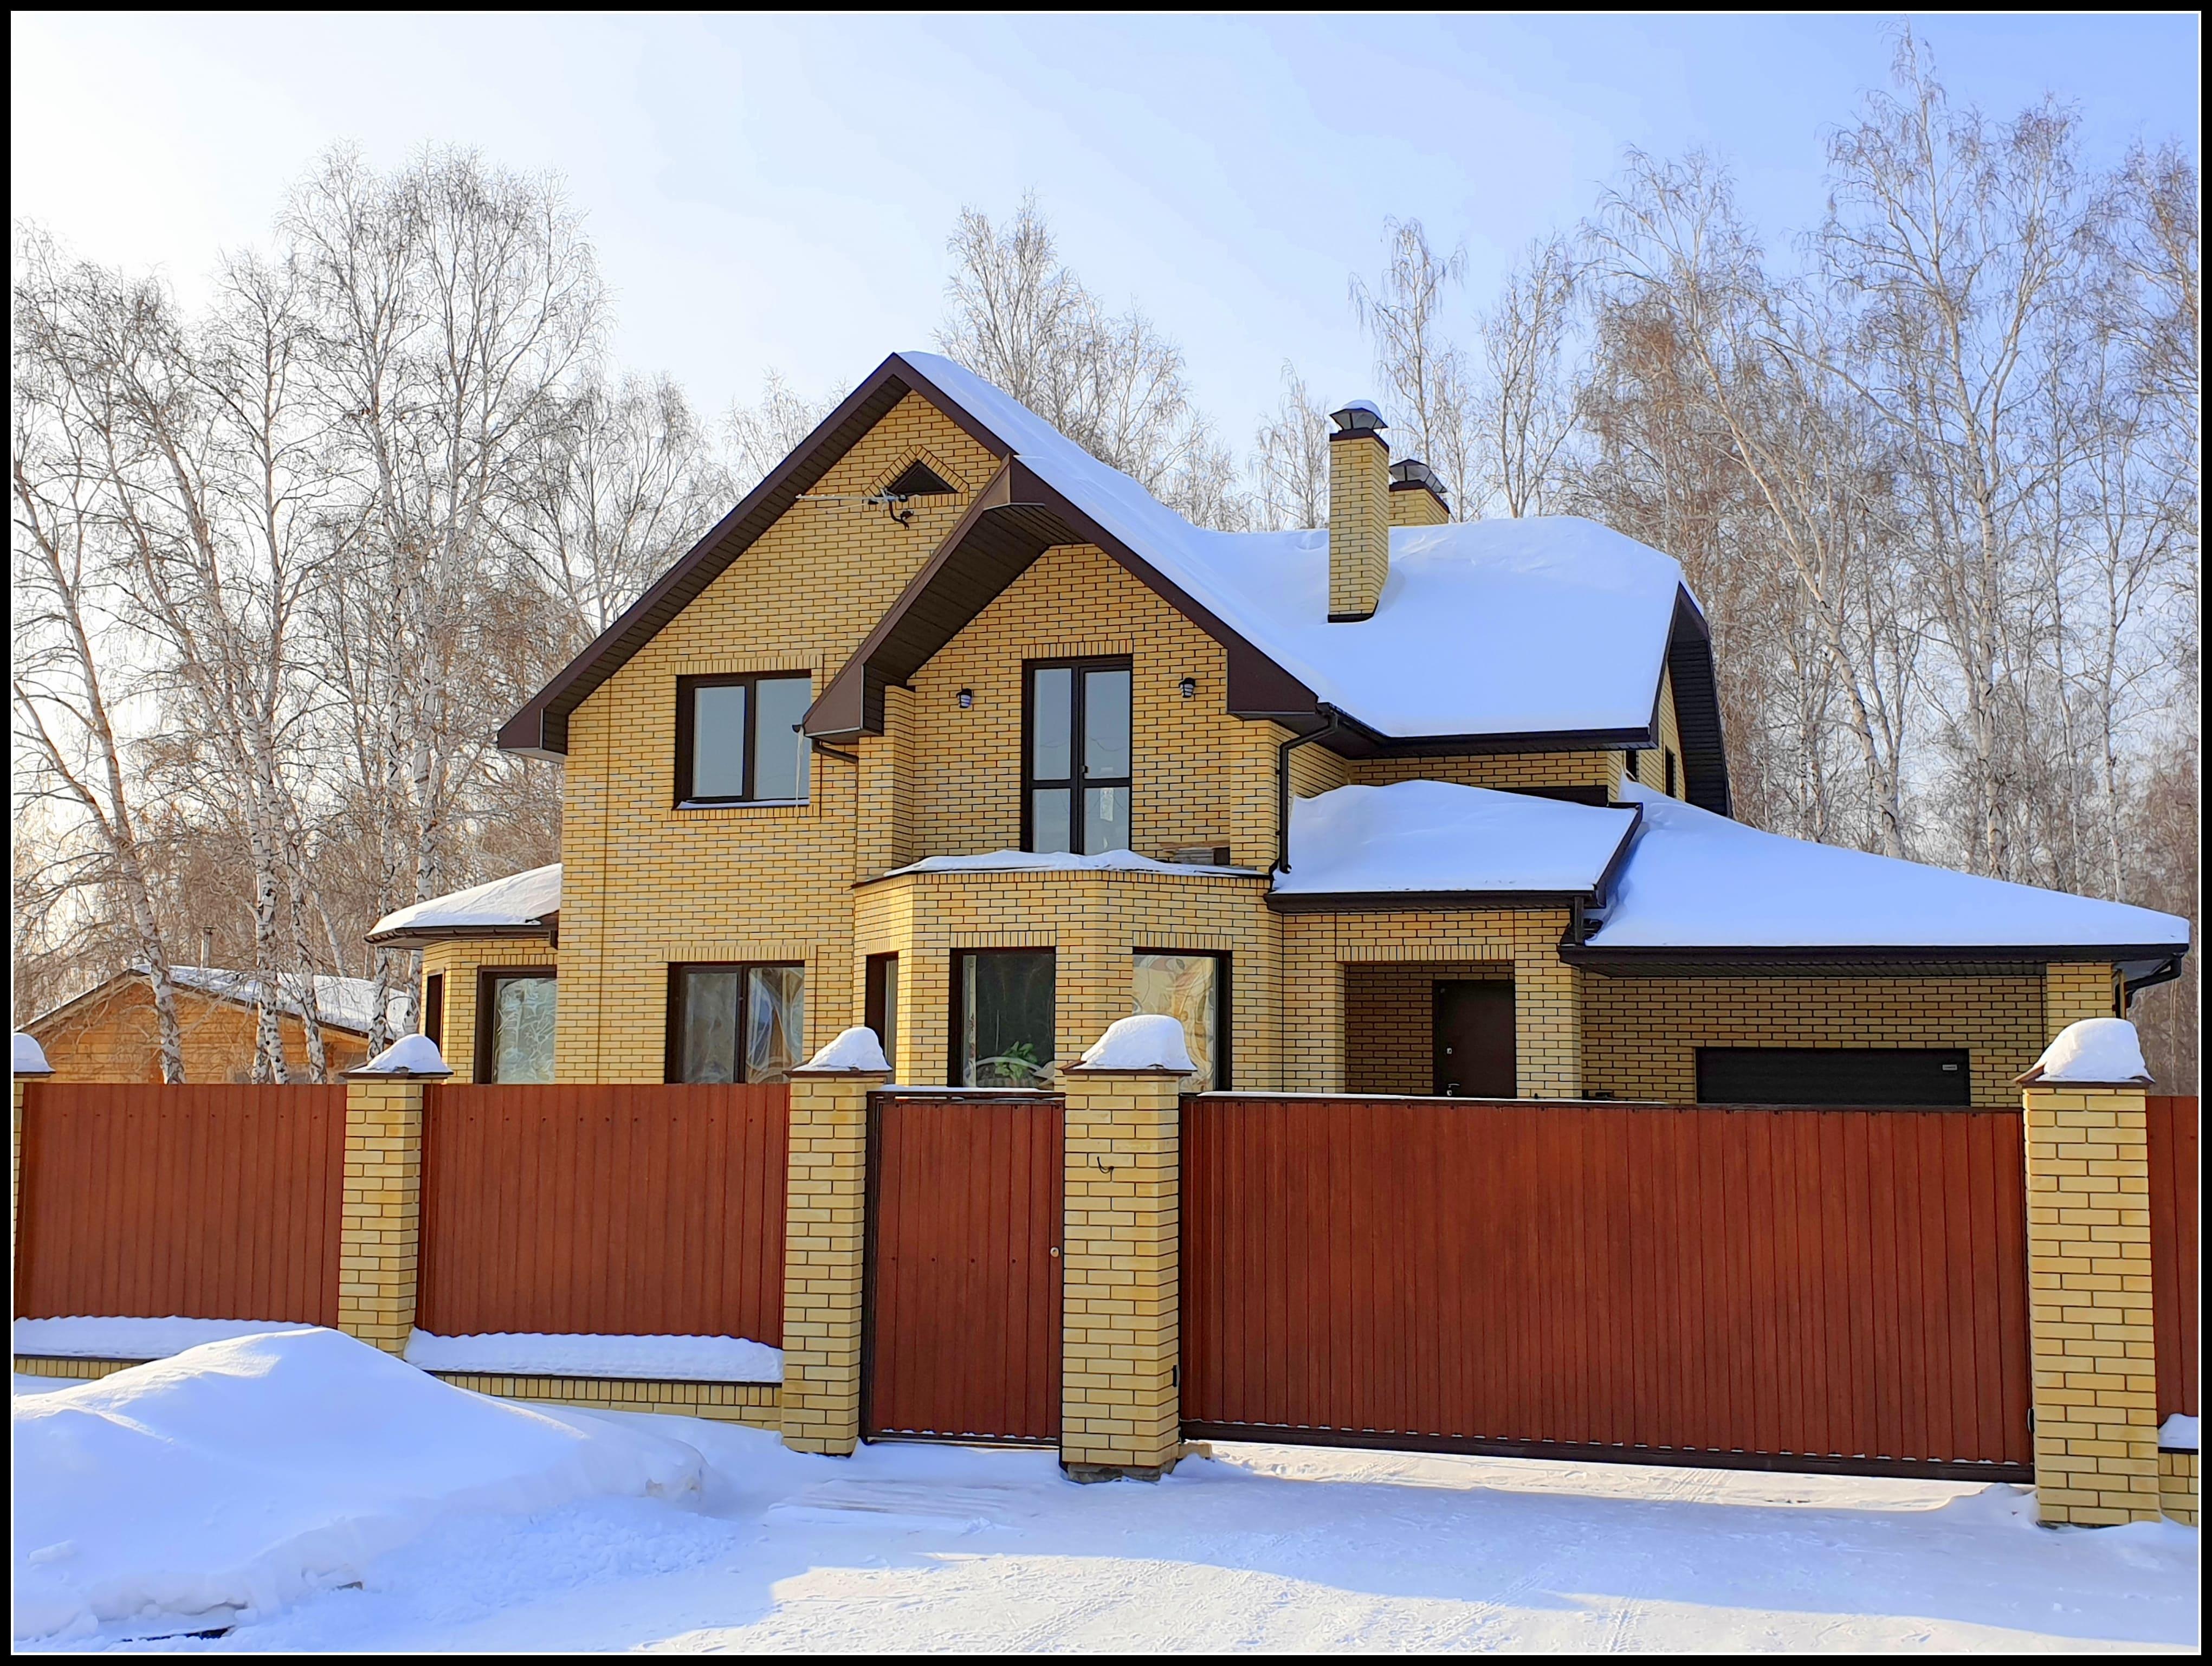 prodazha-zemelnyh-uchastkov